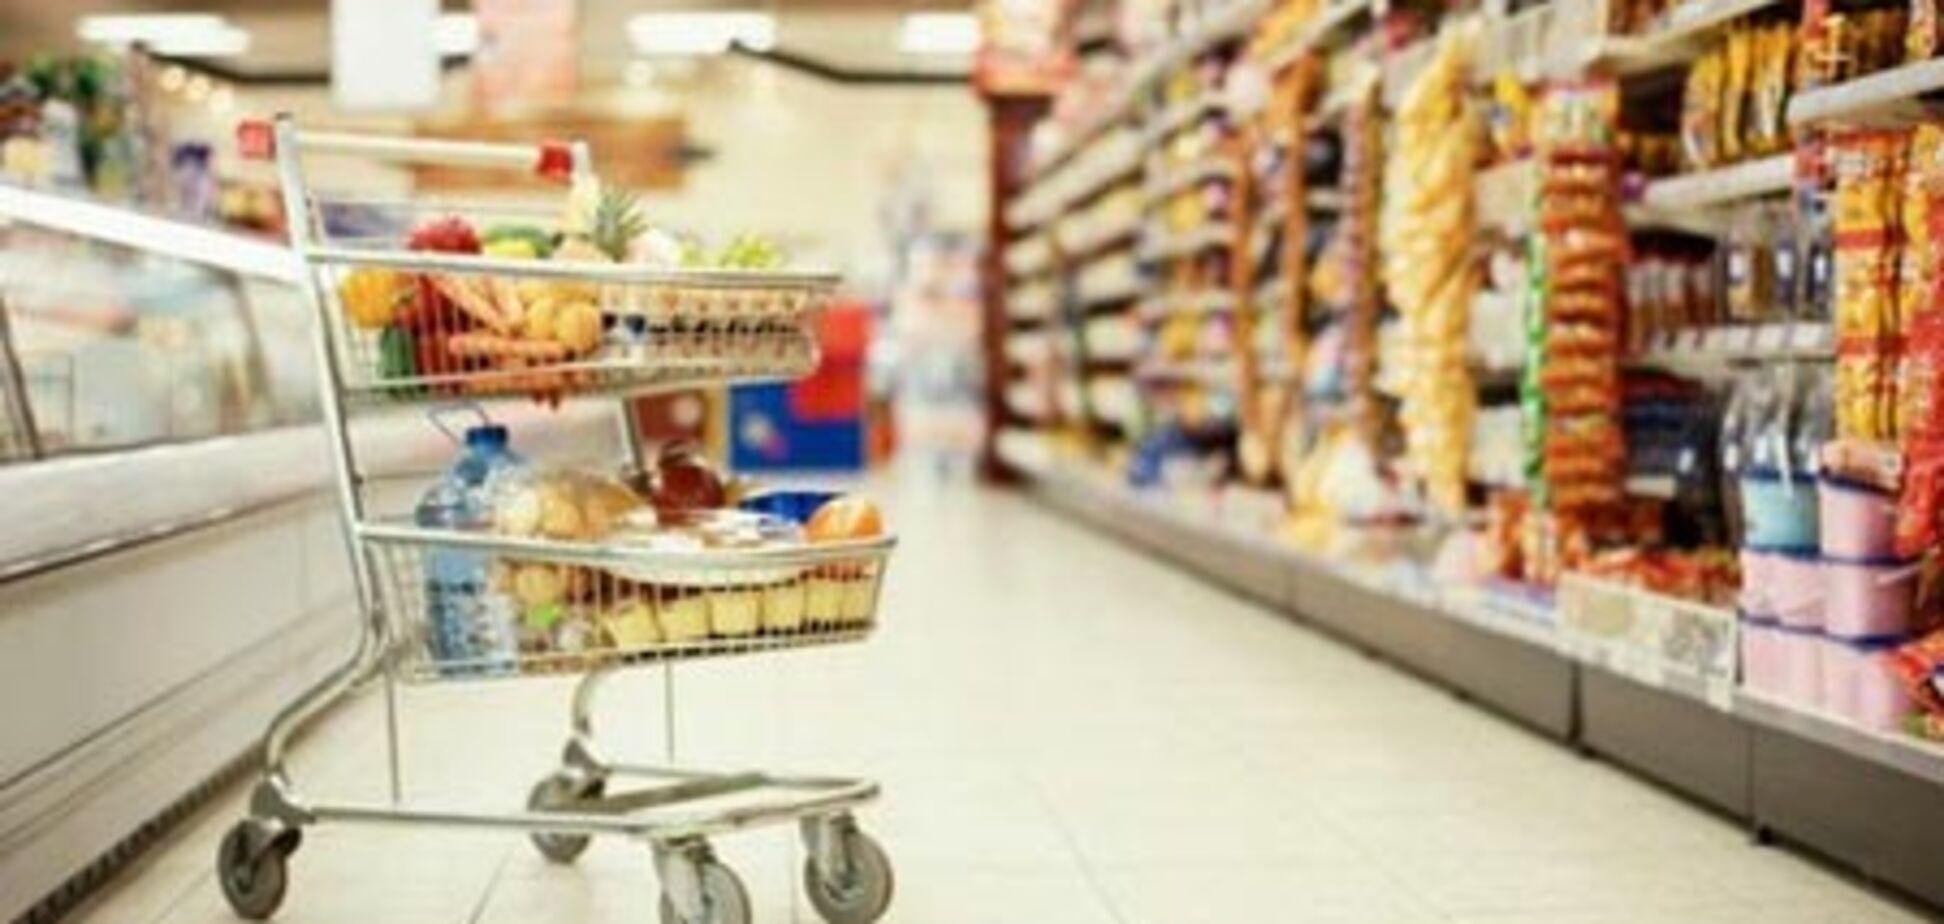 Світ рухається до шокового стрибка цін на продовольство